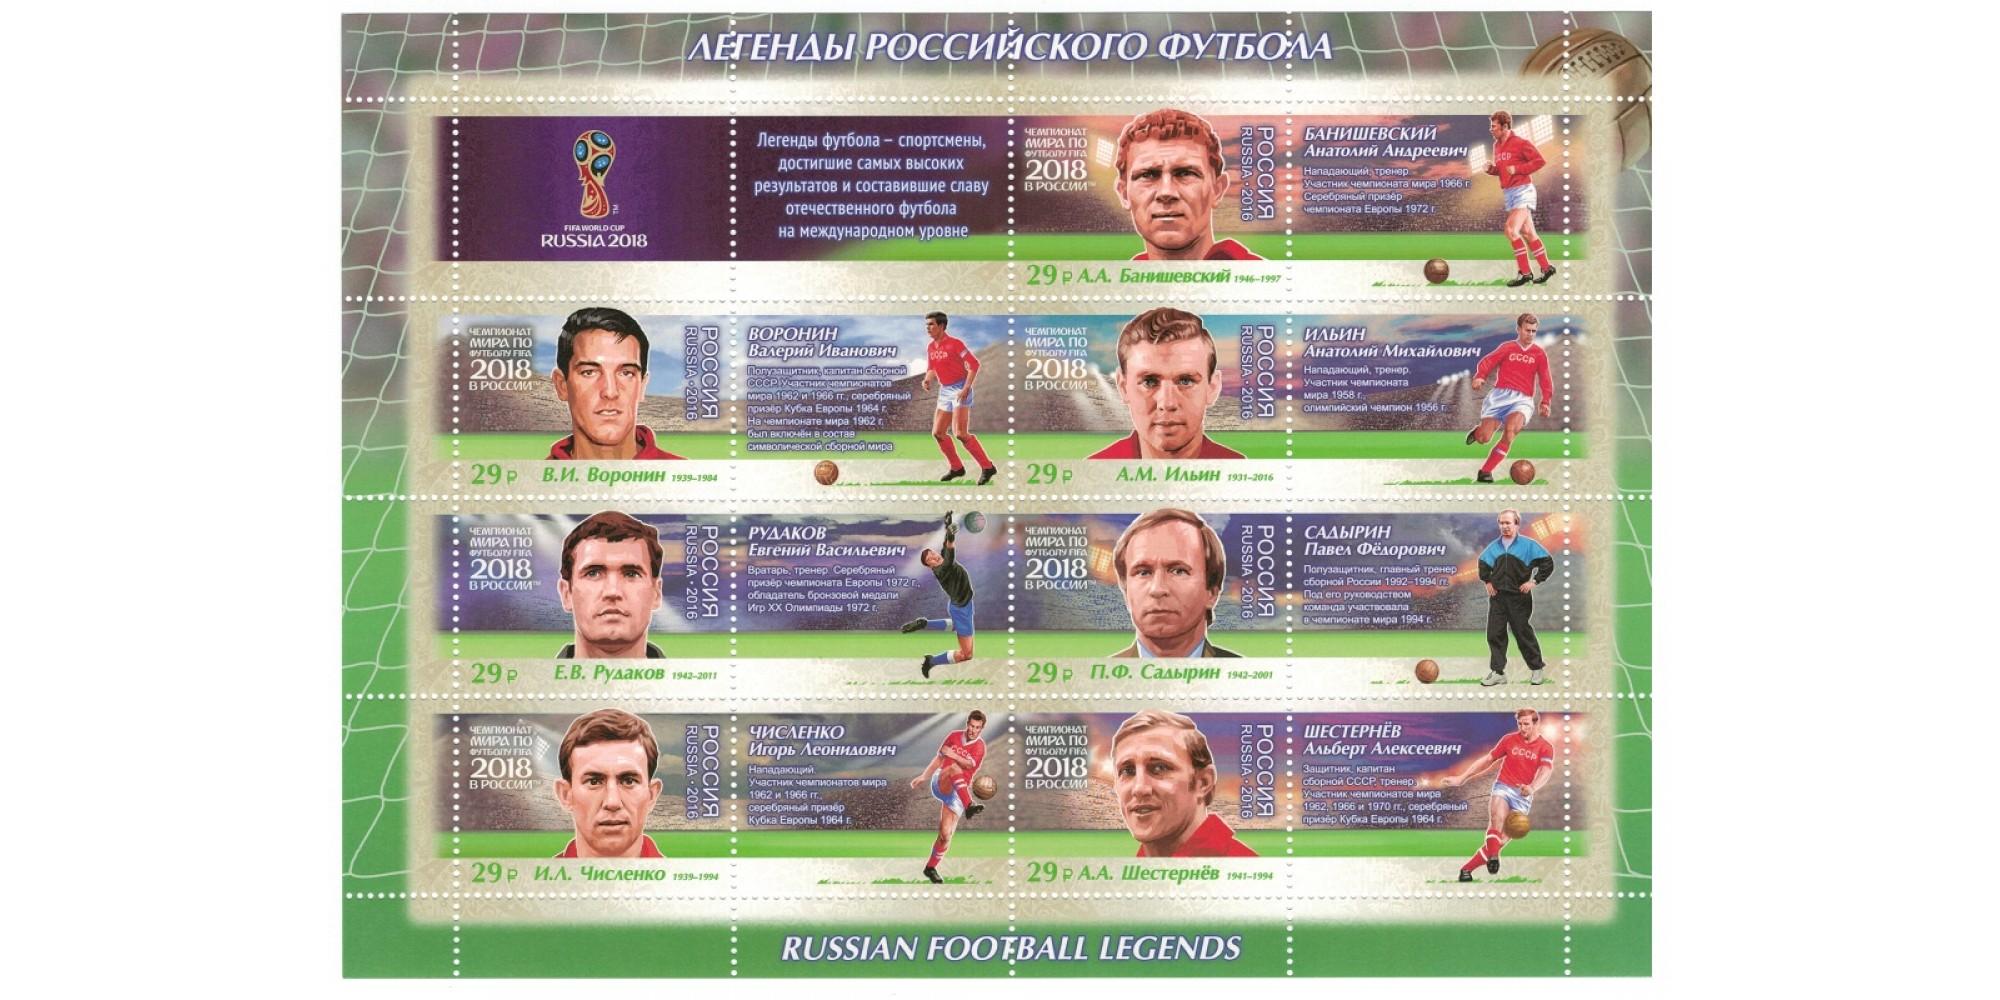 Блок марок Чемпионат мира по футболу FIFA 2018 в России: легенды российского футбола